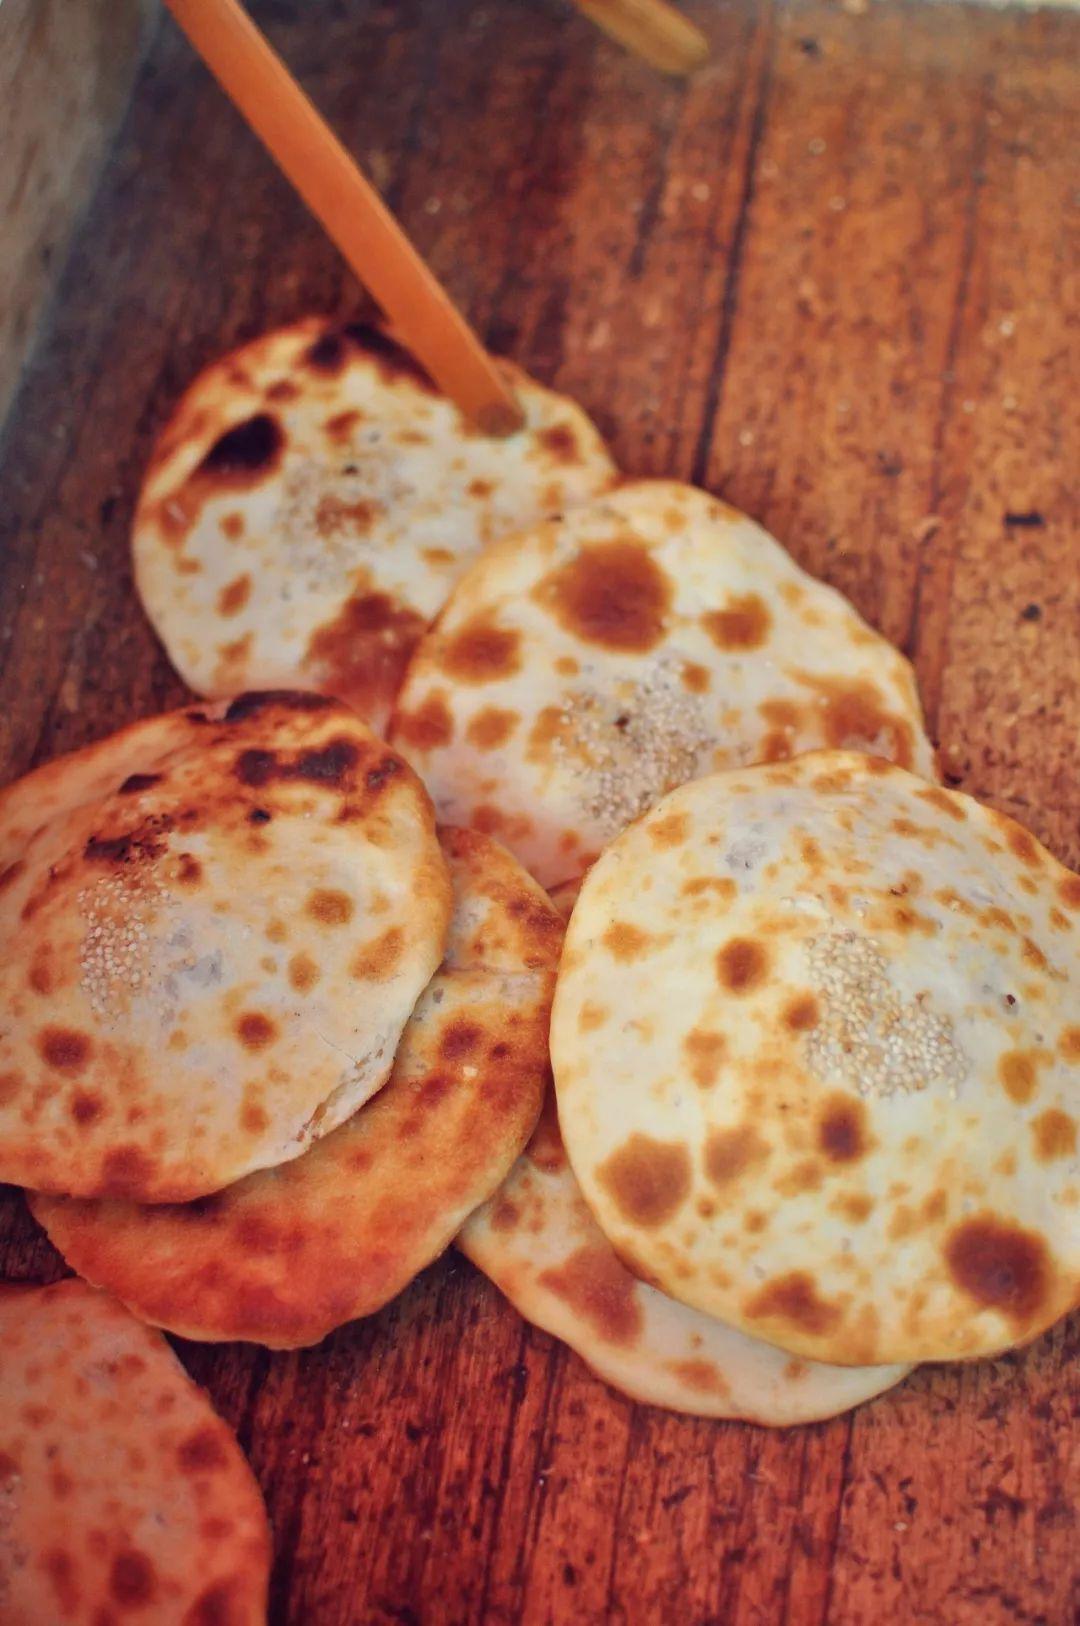 博山烧饼_山东美食记:最爱那个鲜香味浓的博山蕉庄肉烧饼